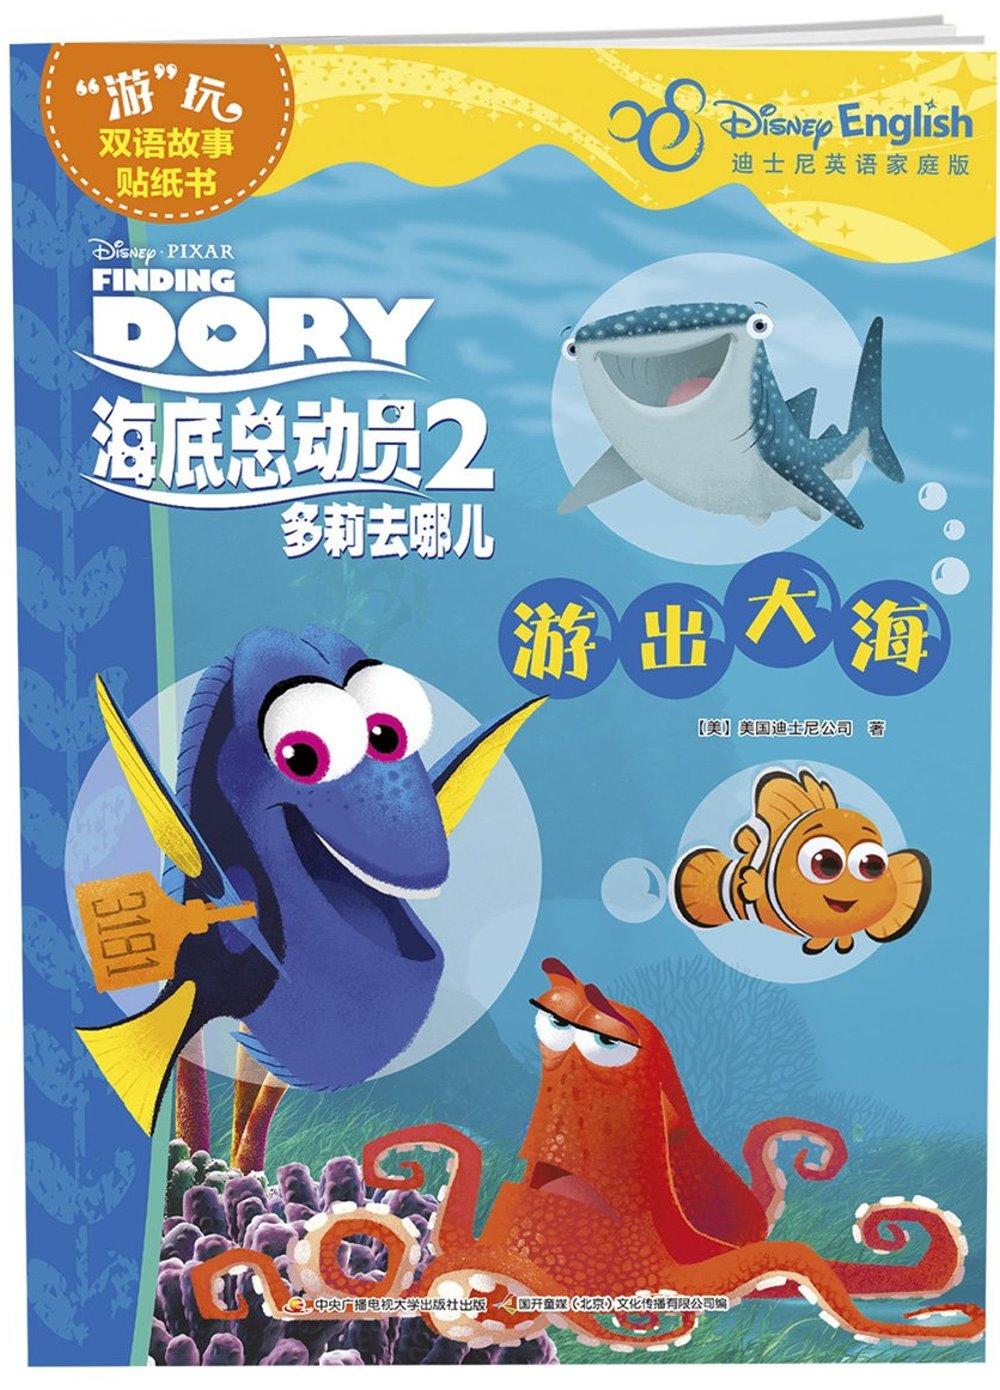 海底總動員2多莉去哪兒游出大海 迪士尼英語家庭版